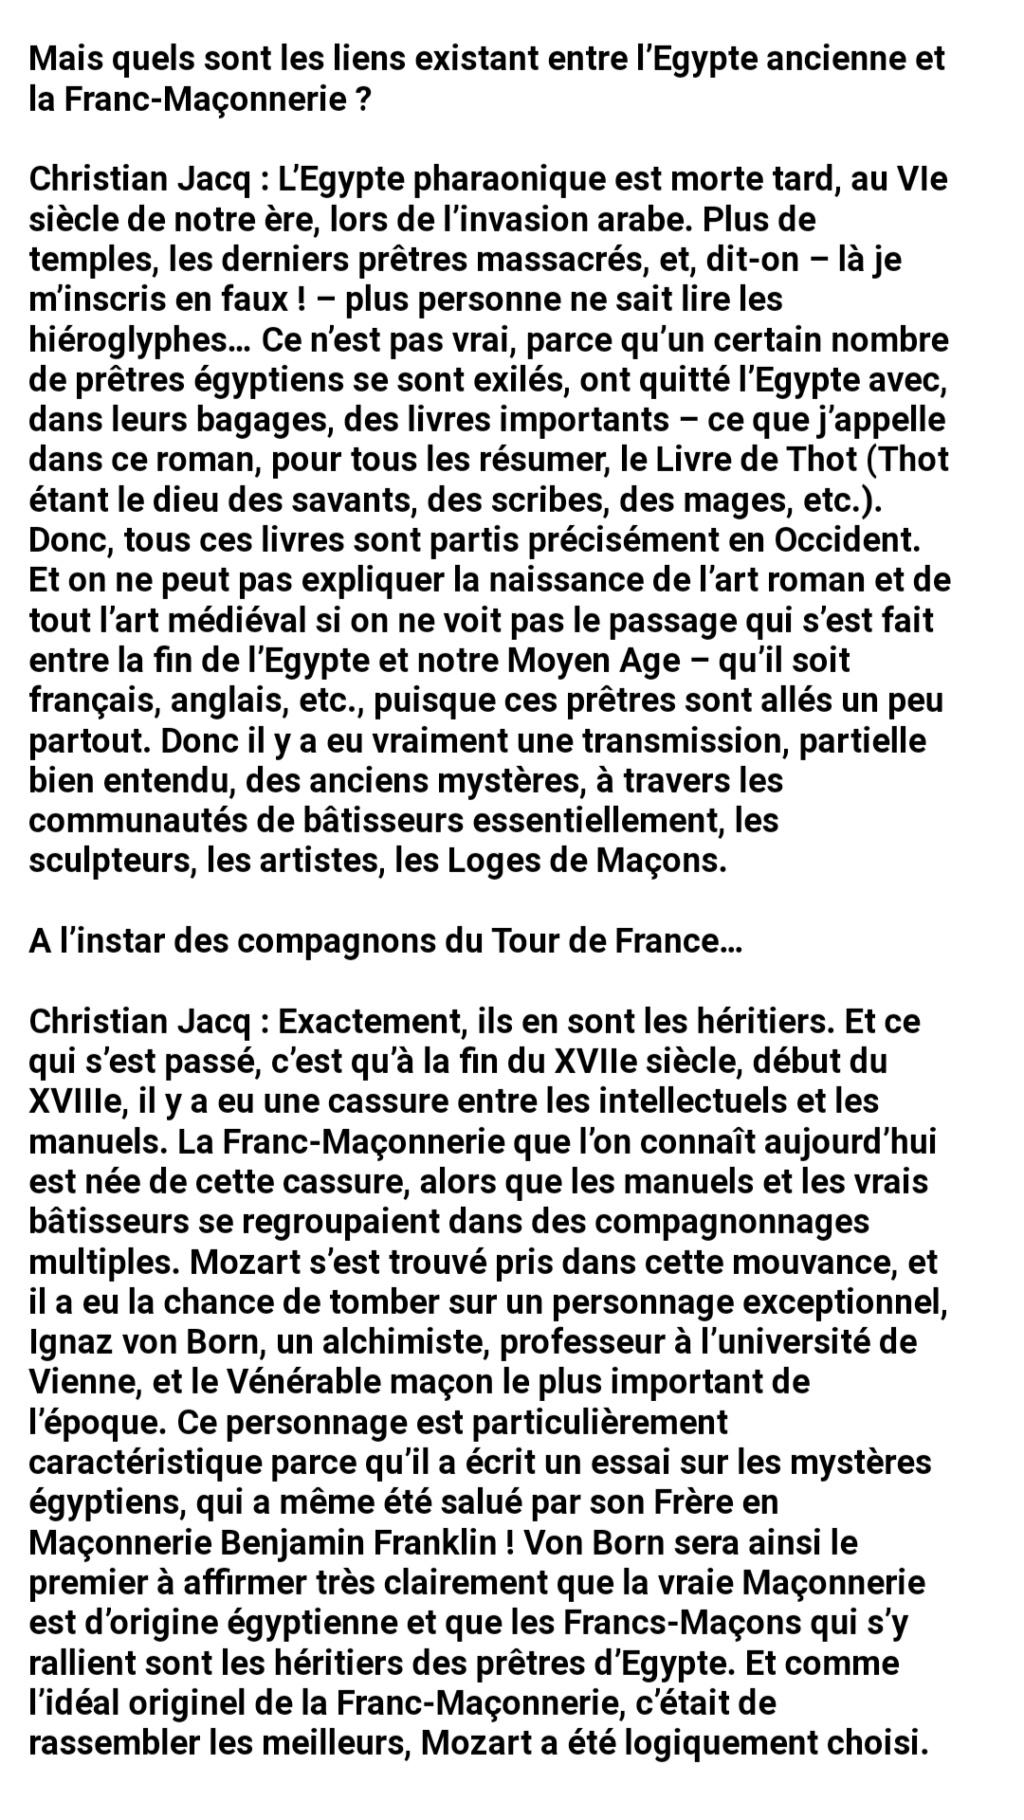 Franc-maçonnerie, mea culpa ? - Page 16 20200916